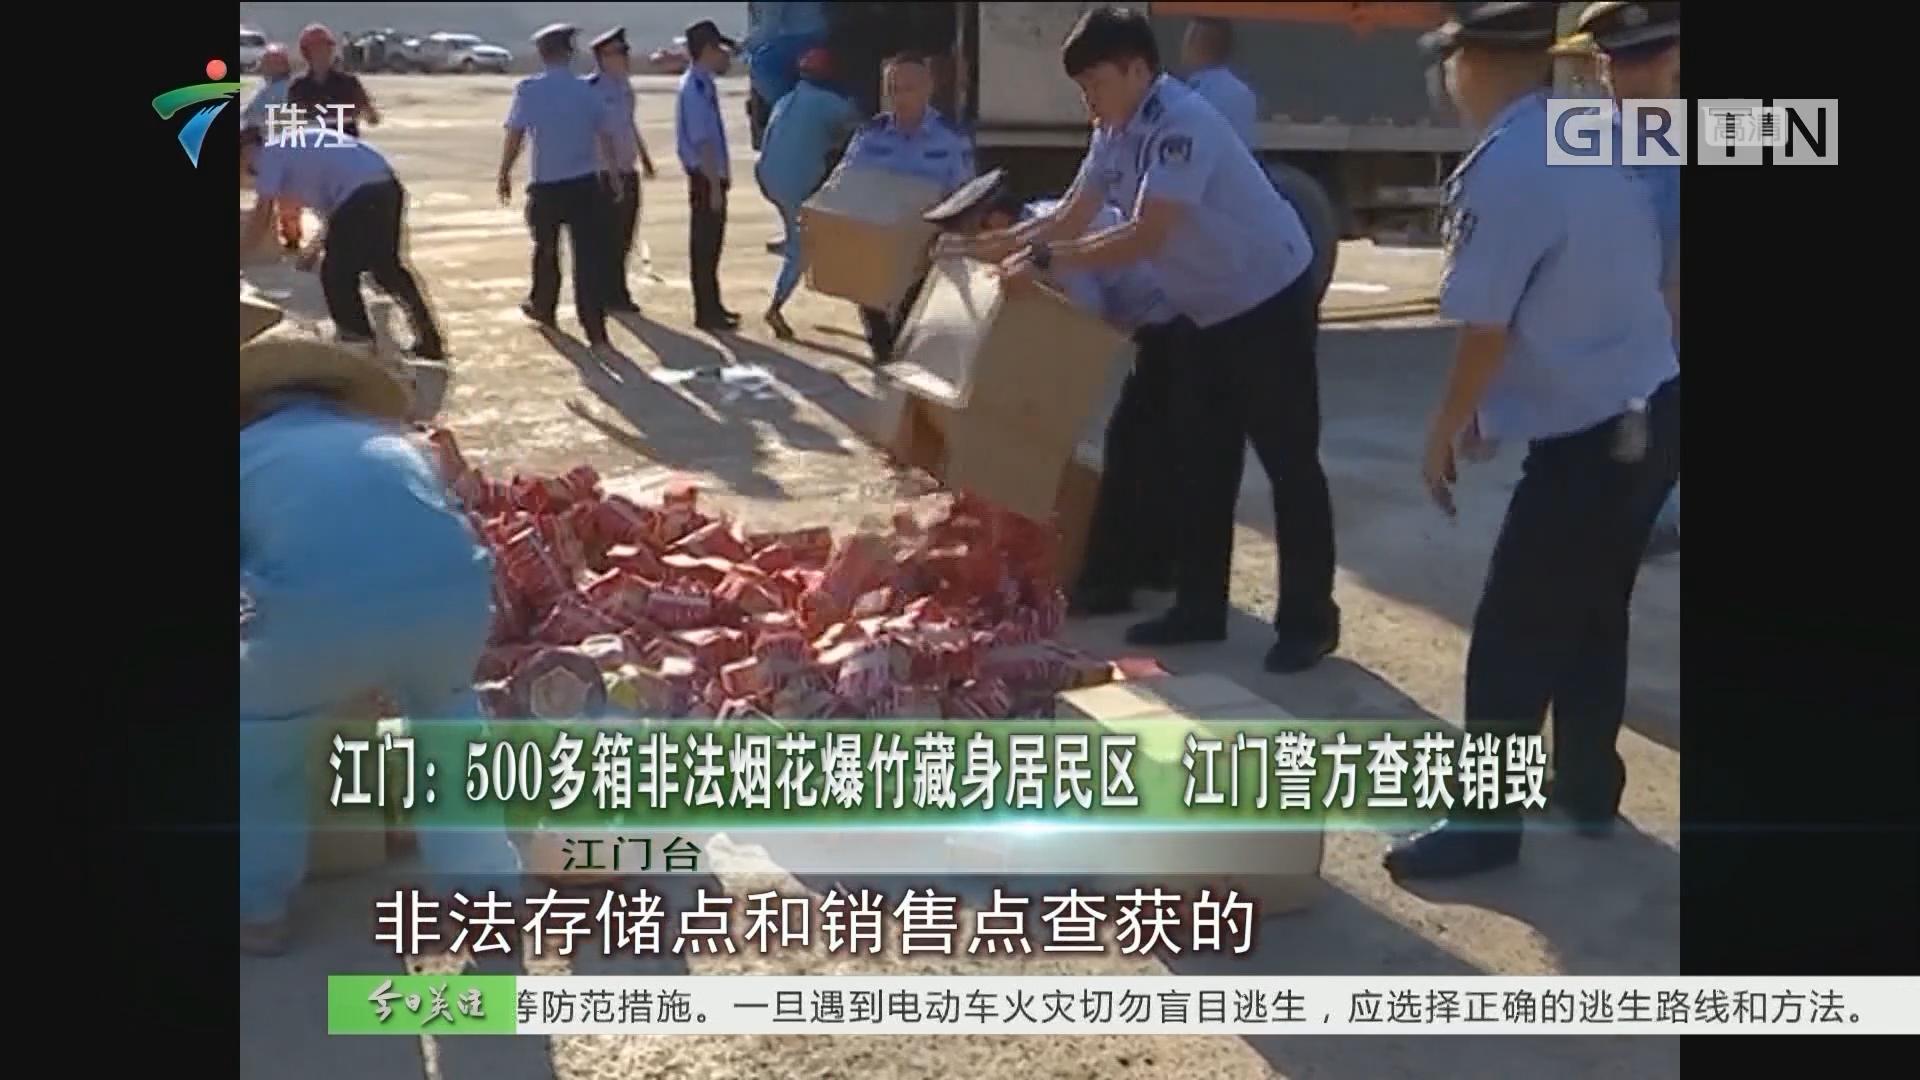 江门:500多箱非法烟花爆竹藏身居民区 江门警方查获销毁